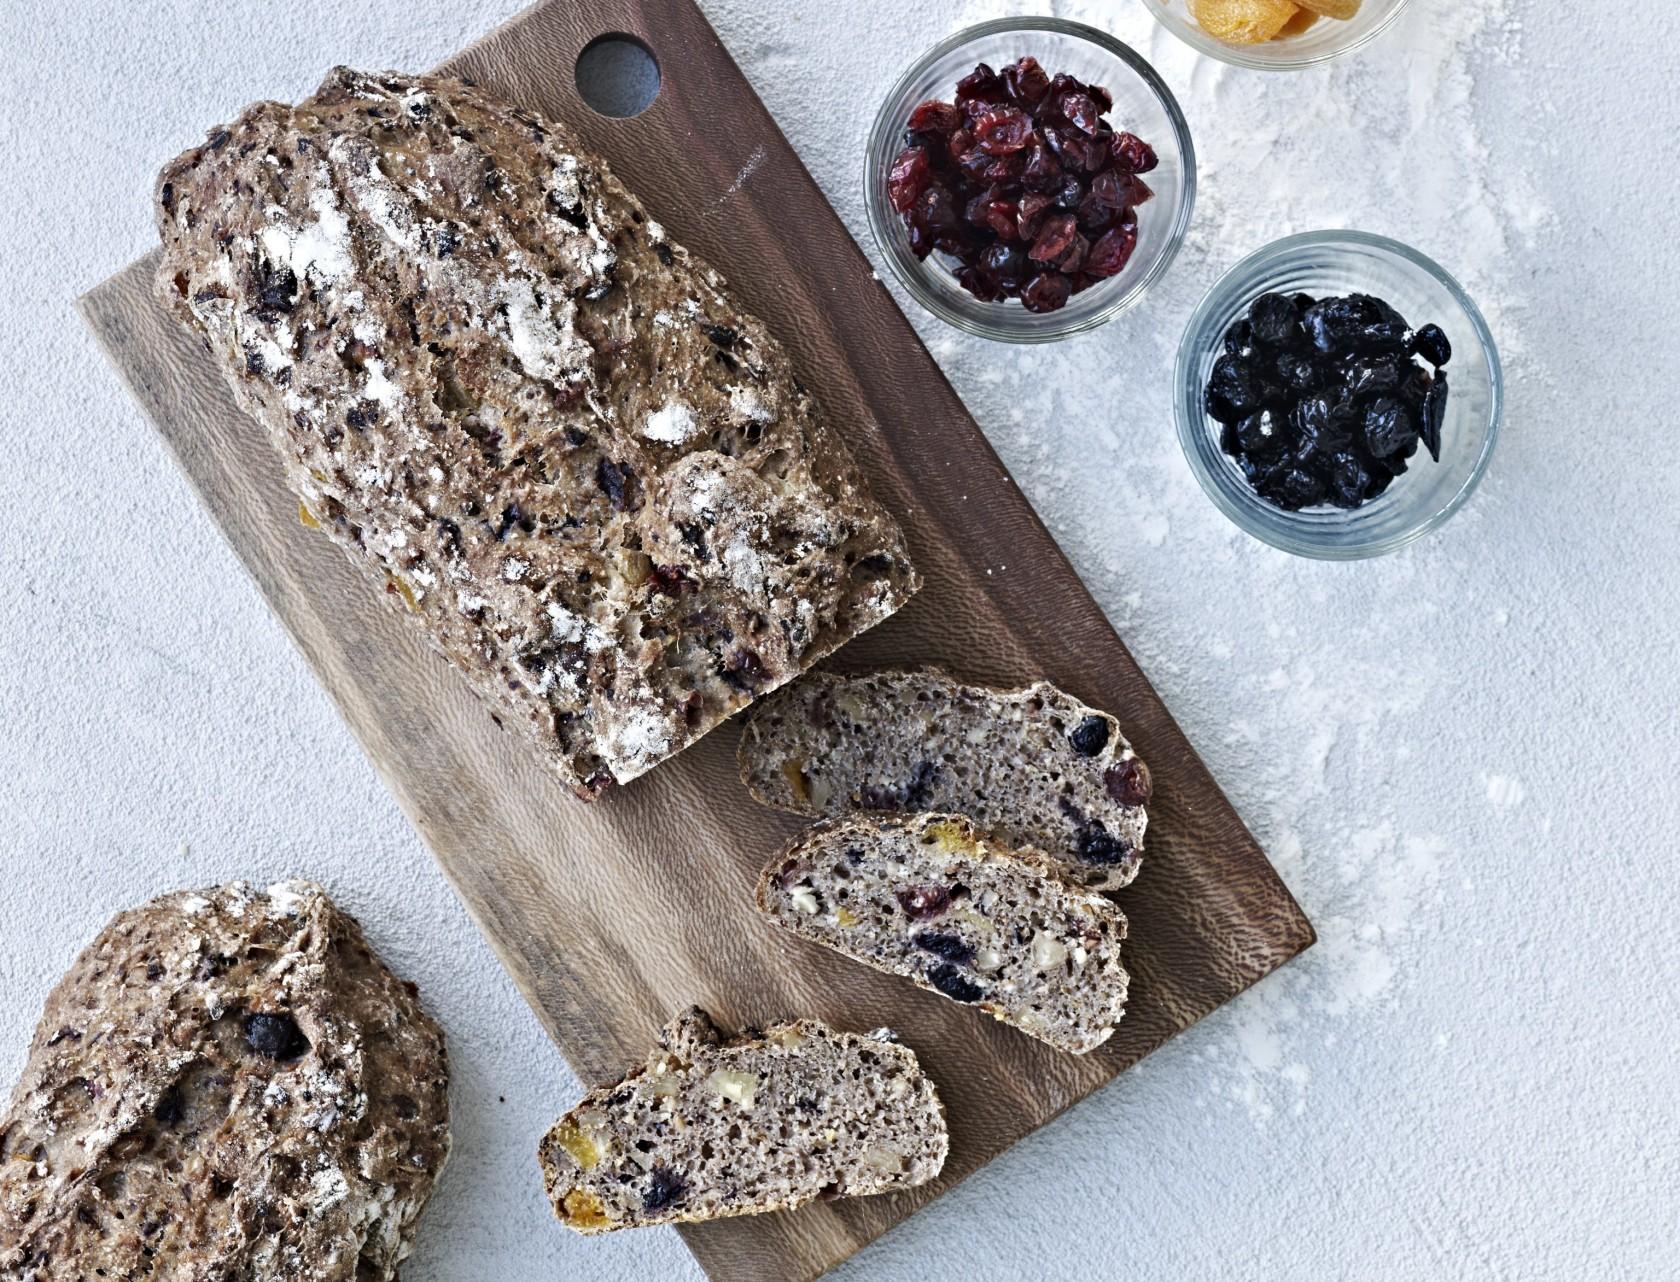 Sødligt brød med tørret frugt - den bedste opskrift!